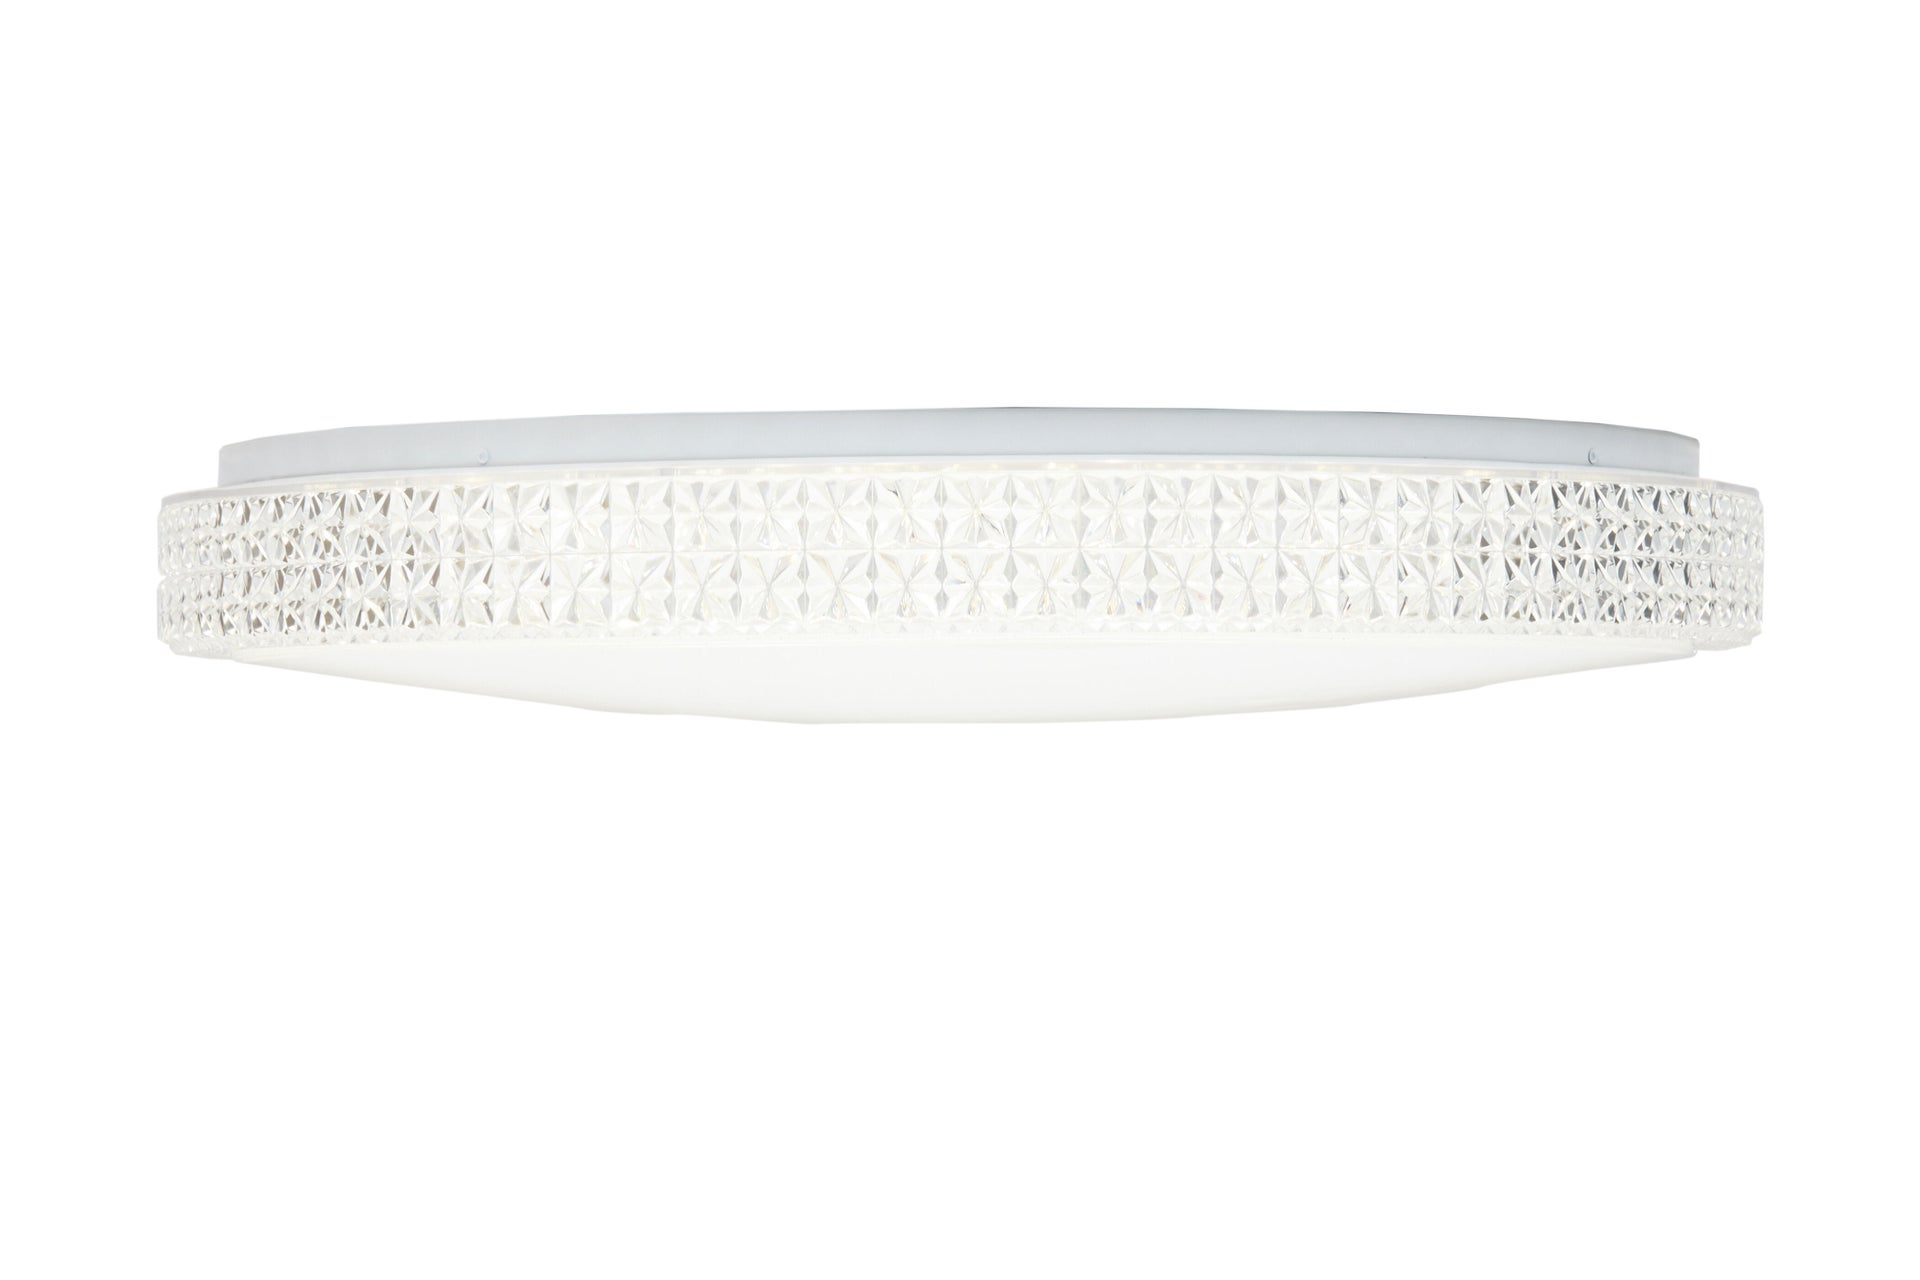 Plafoniera neoclassico Soledad LED integrato bianco D. 60 cm - 3